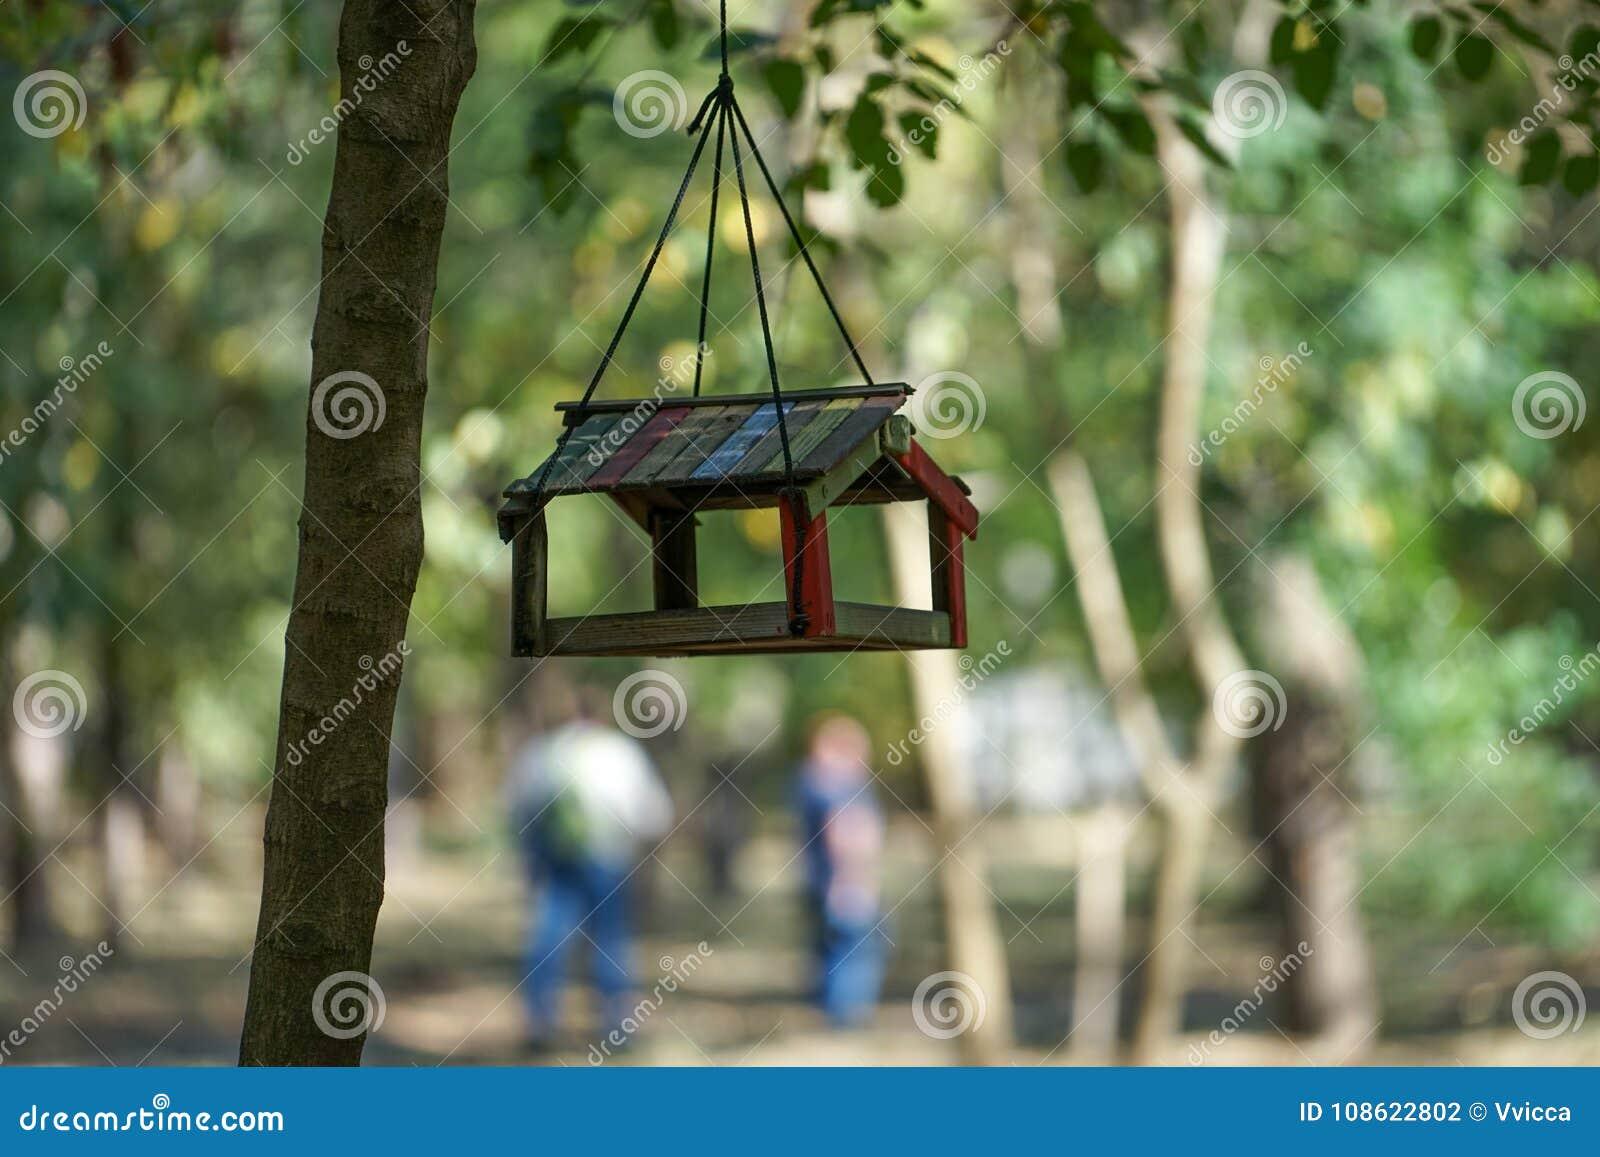 Ένωση τροφοδοτών πουλιών στο πάρκο φθινοπώρου μεταξύ των δέντρων στο θολωμένο υπόβαθρο στη θερμή ημέρα φθινοπώρου